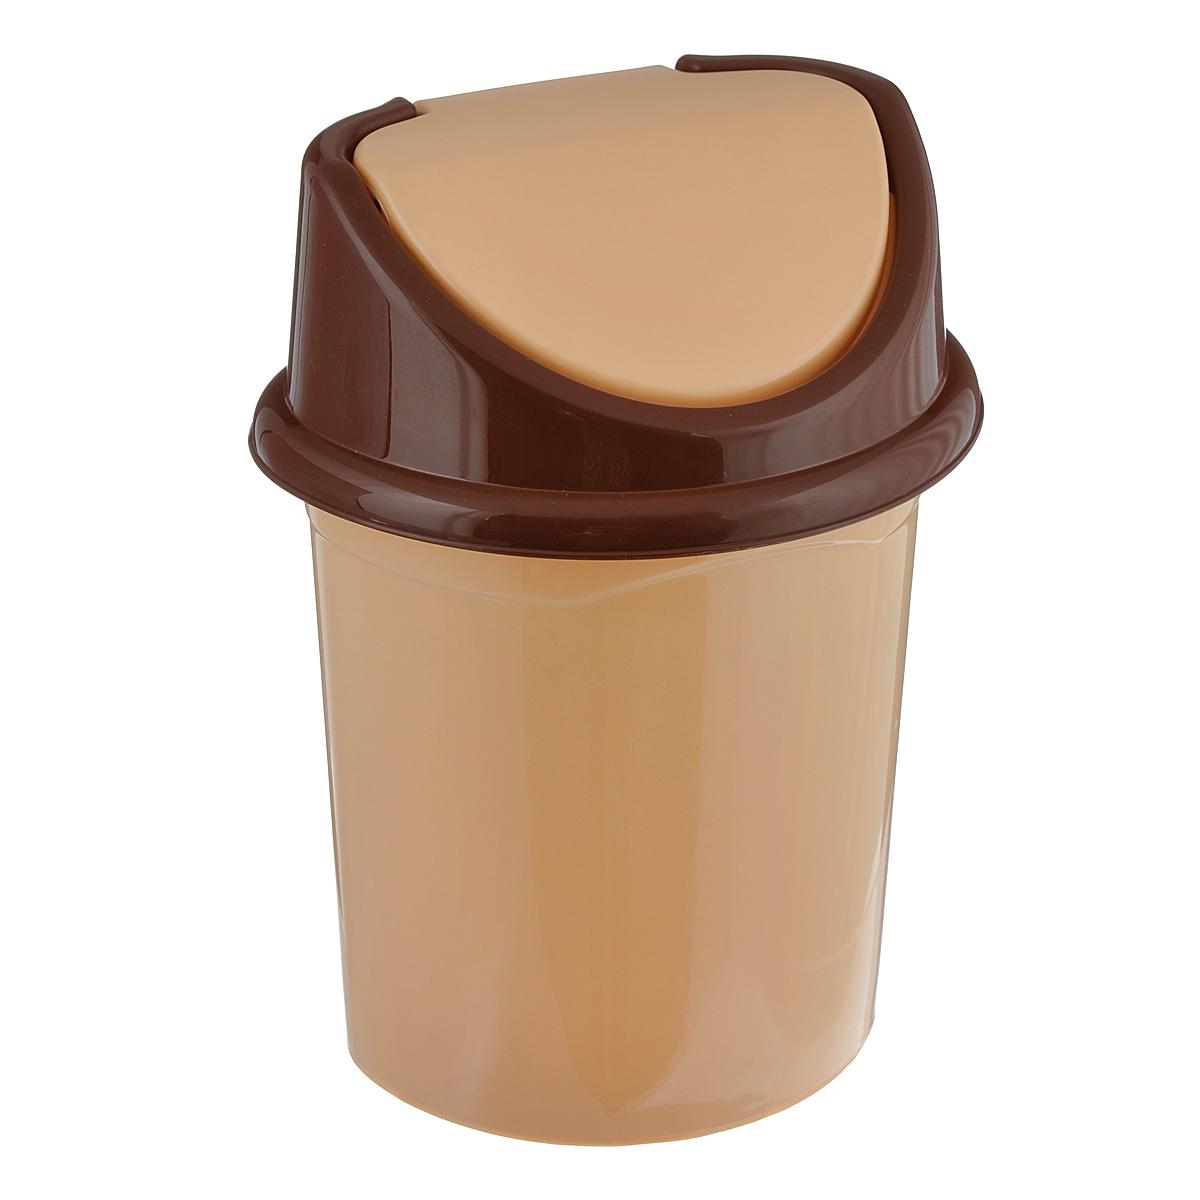 Контейнер для мусора Violet, цвет: бежевый, коричневый, 14 л810393Контейнер для мусора Violet изготовлен из прочного пластика. Контейнер снабжен удобной съемной крышкой с подвижной перегородкой. В нем удобно хранить мелкий мусор. Благодаря лаконичному дизайну такой контейнер идеально впишется в интерьер и дома, и офиса.Размер изделия: 29 см х 31,5 см х 45 см.